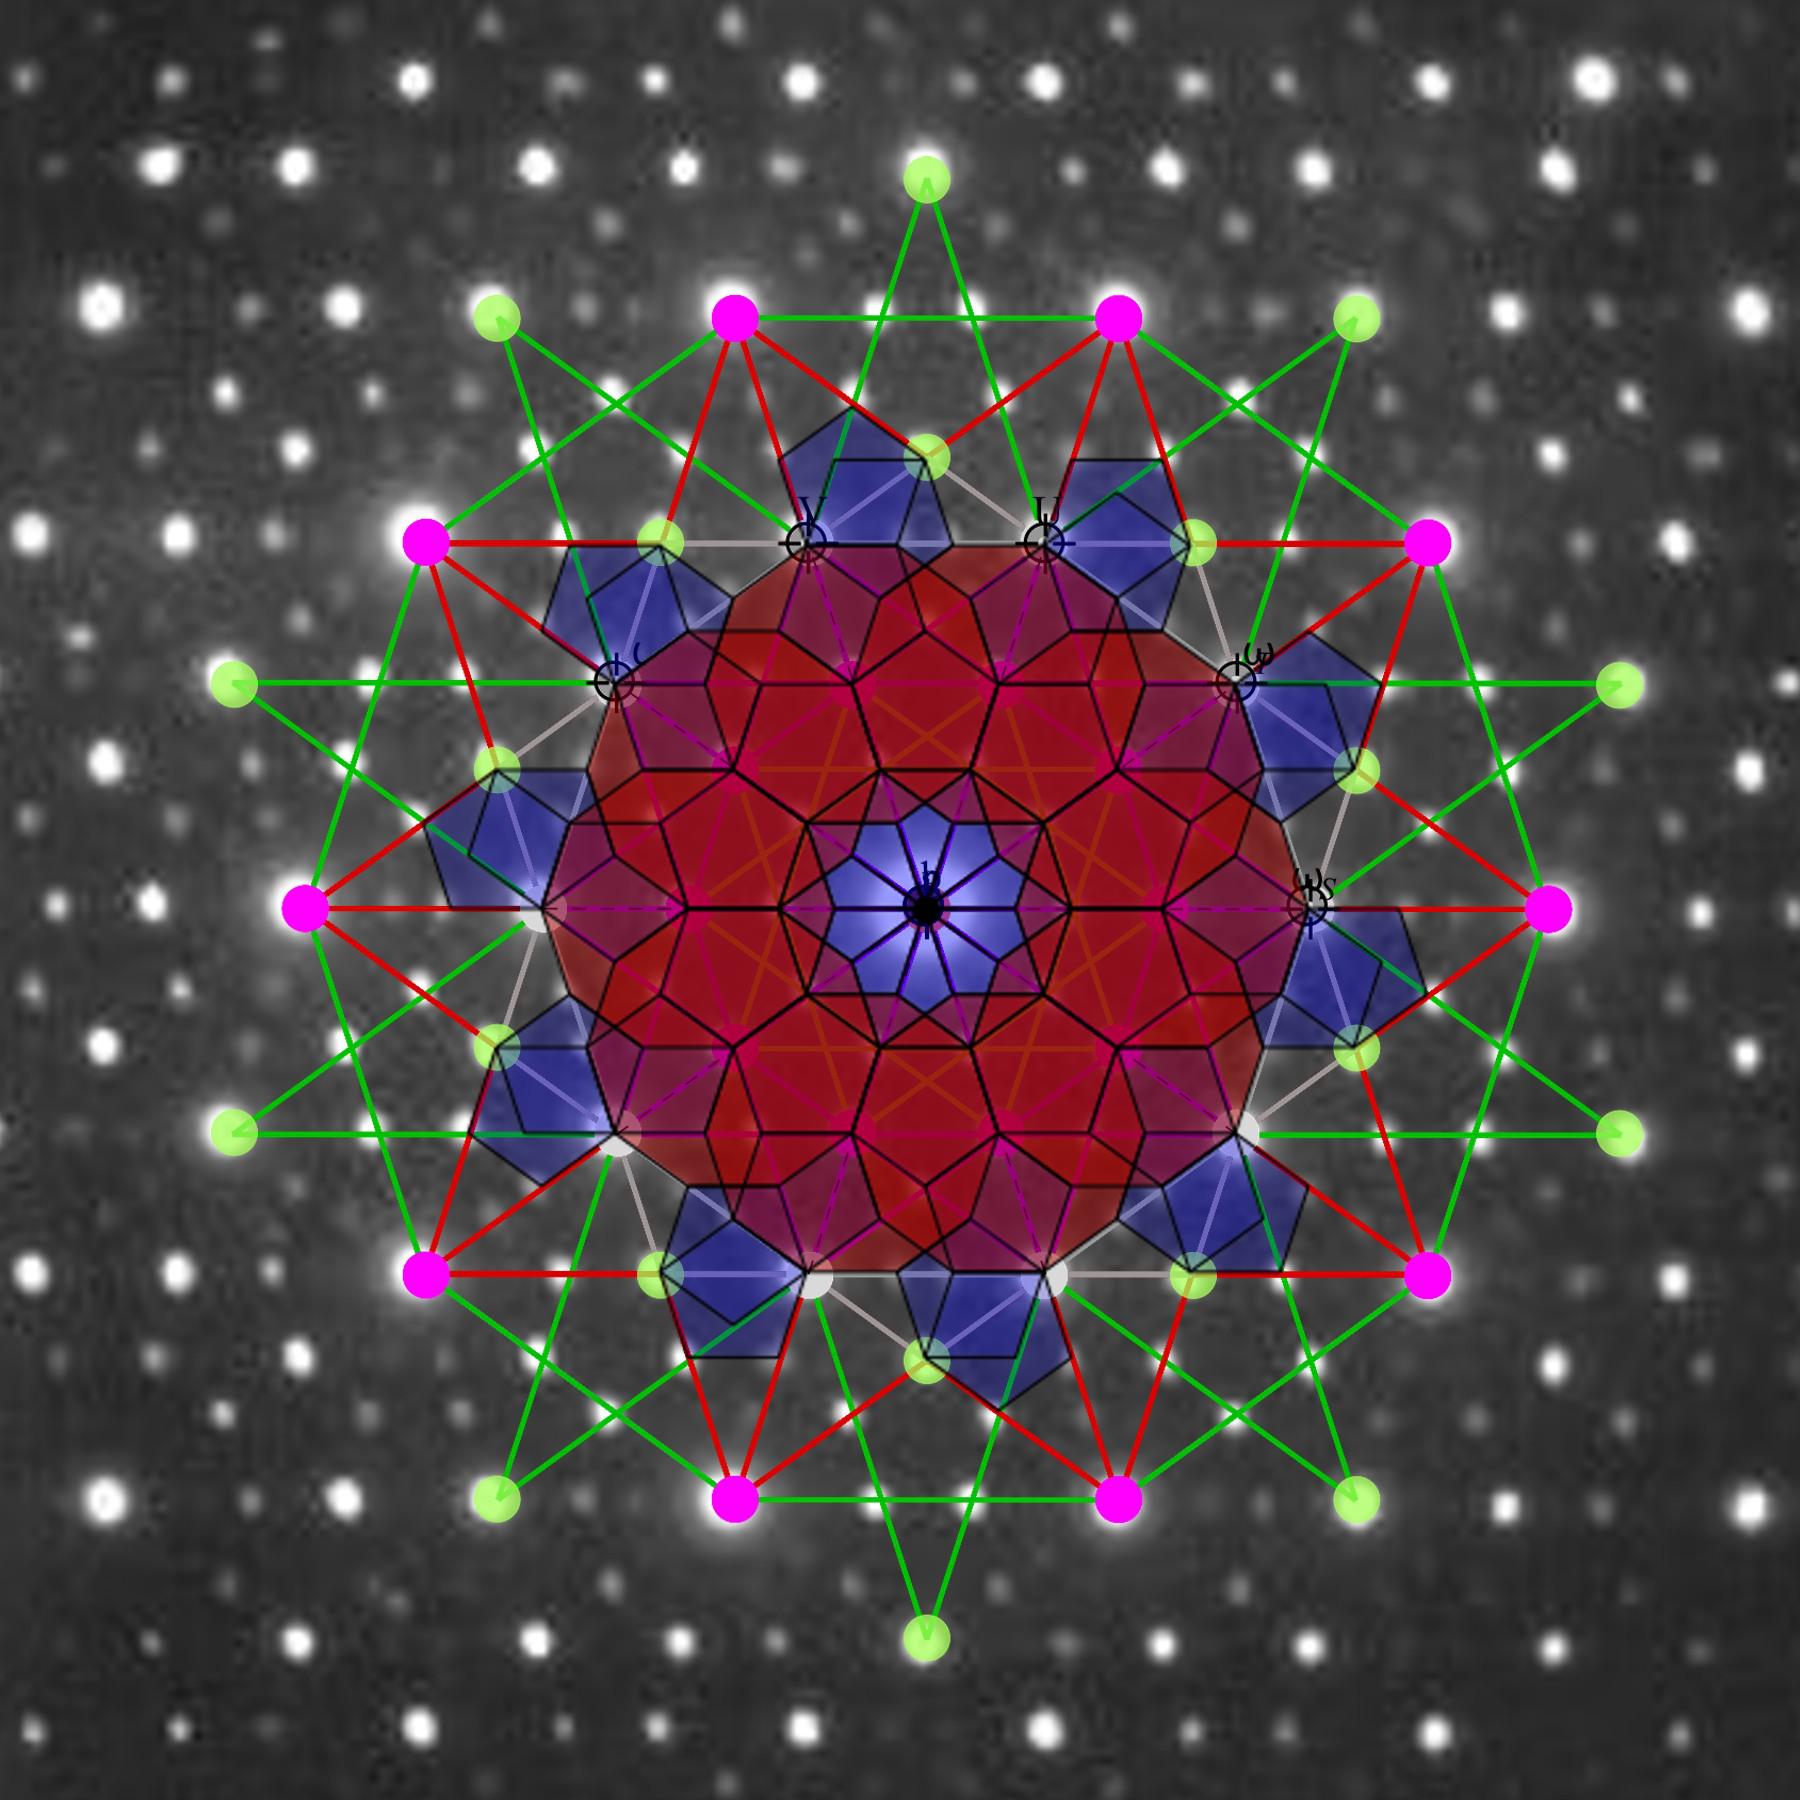 Ho-Mg-Zn_E8-5Cube-baez-egan-overlay